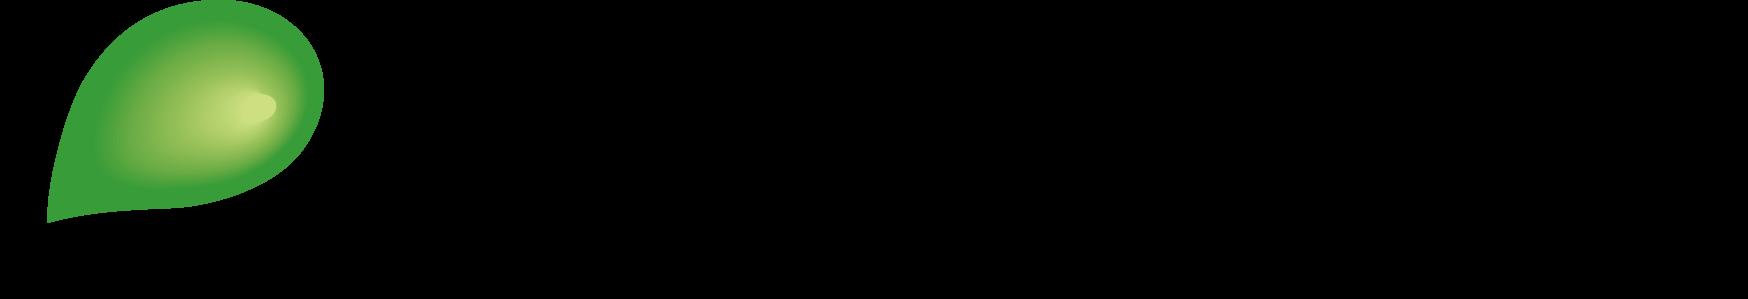 zenhoren_logo2_CMYK